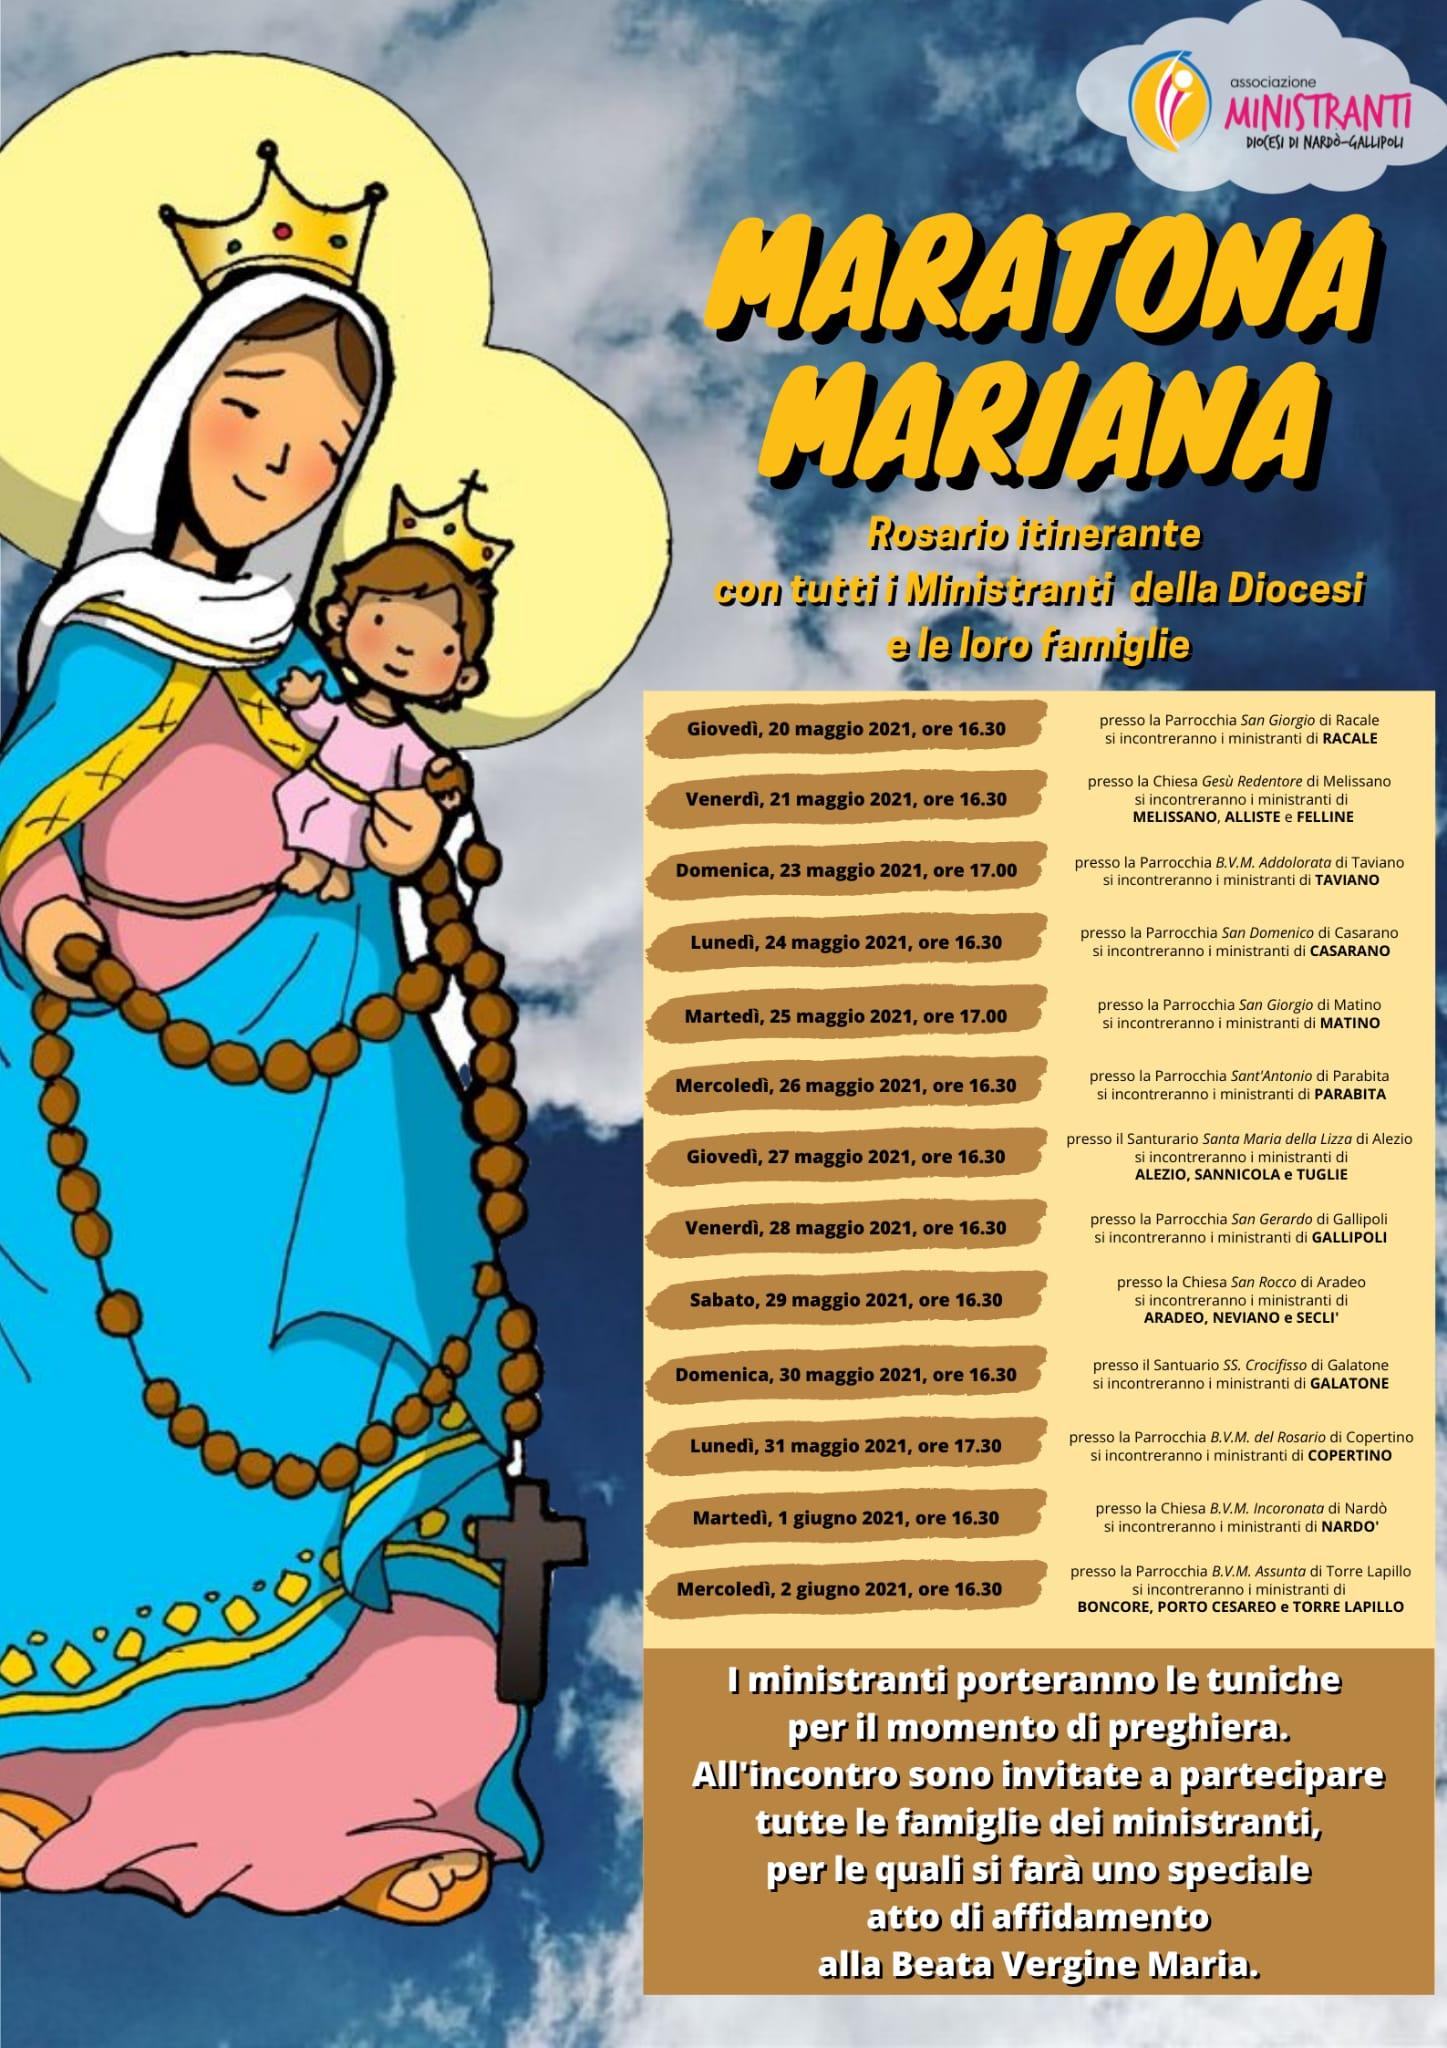 Maratona Mariana – Ministranti